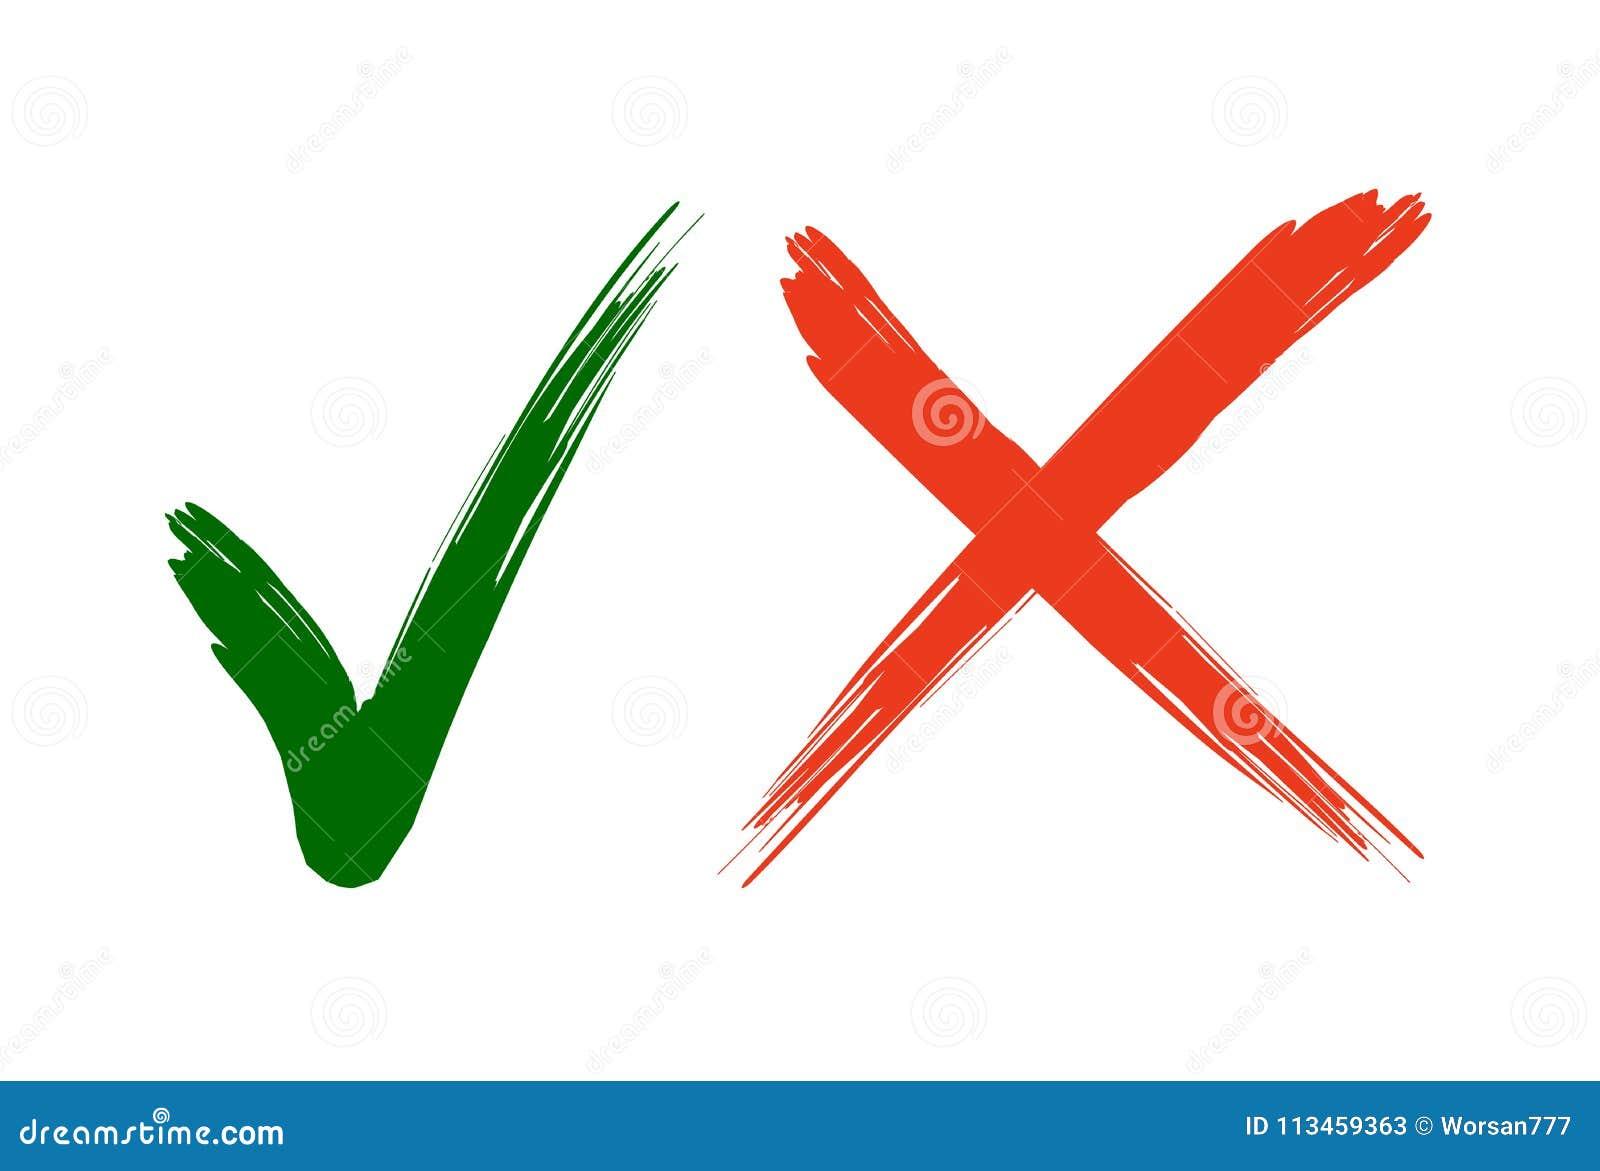 检查图标标记 在两个变形的绿色壁虱和红十字检查号